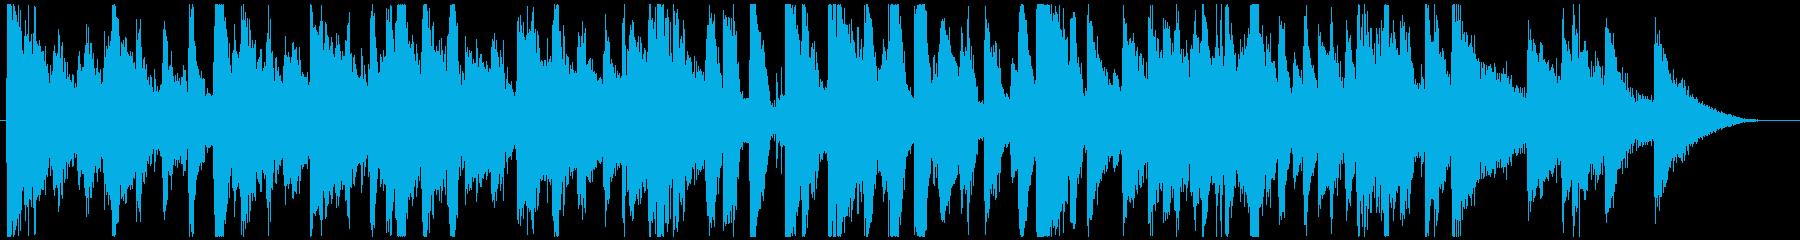 おしゃれで軽快なピアノトリオのジングルの再生済みの波形